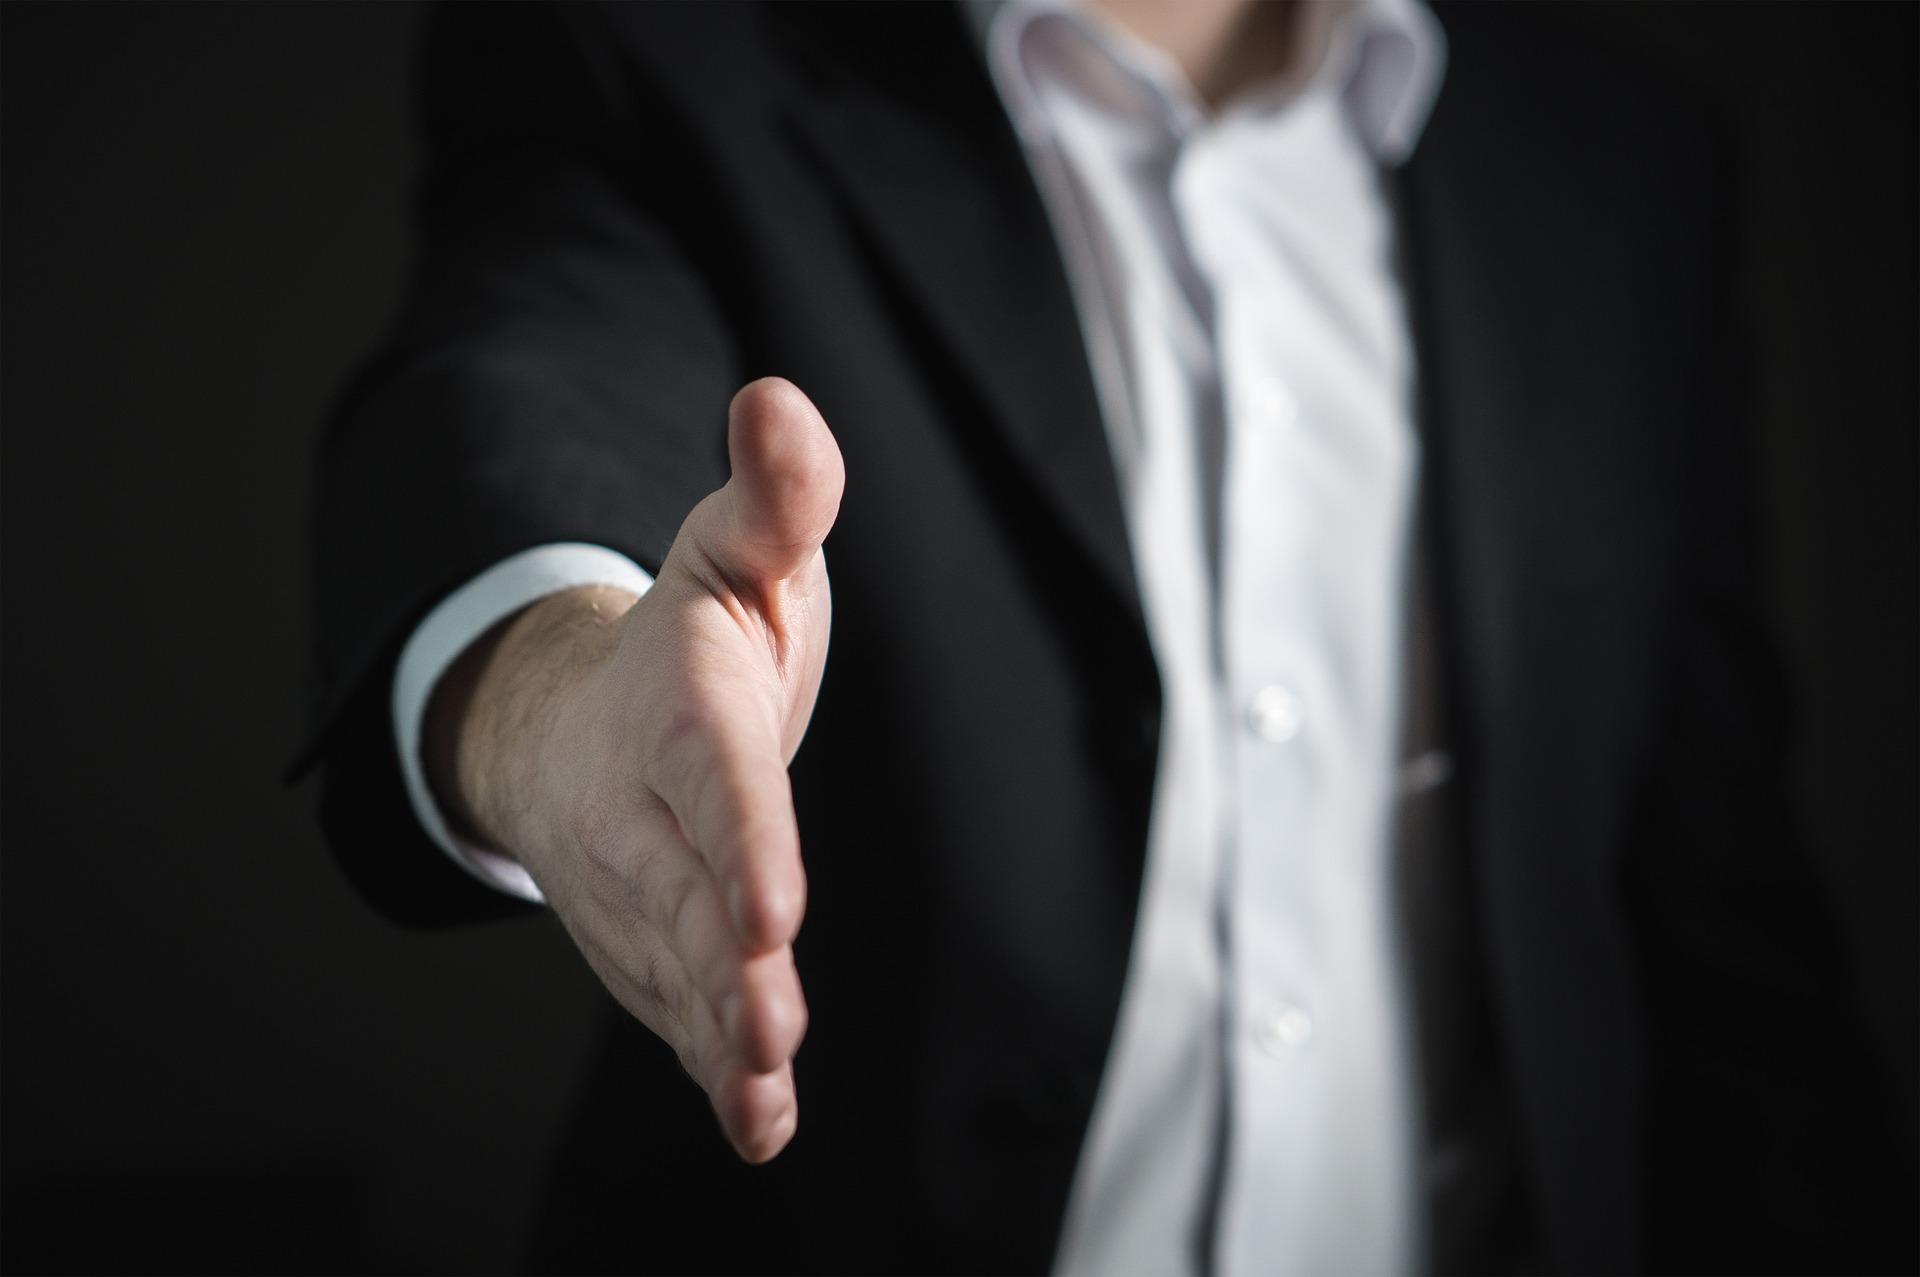 握手しようと手を伸ばすスーツの男性の手元